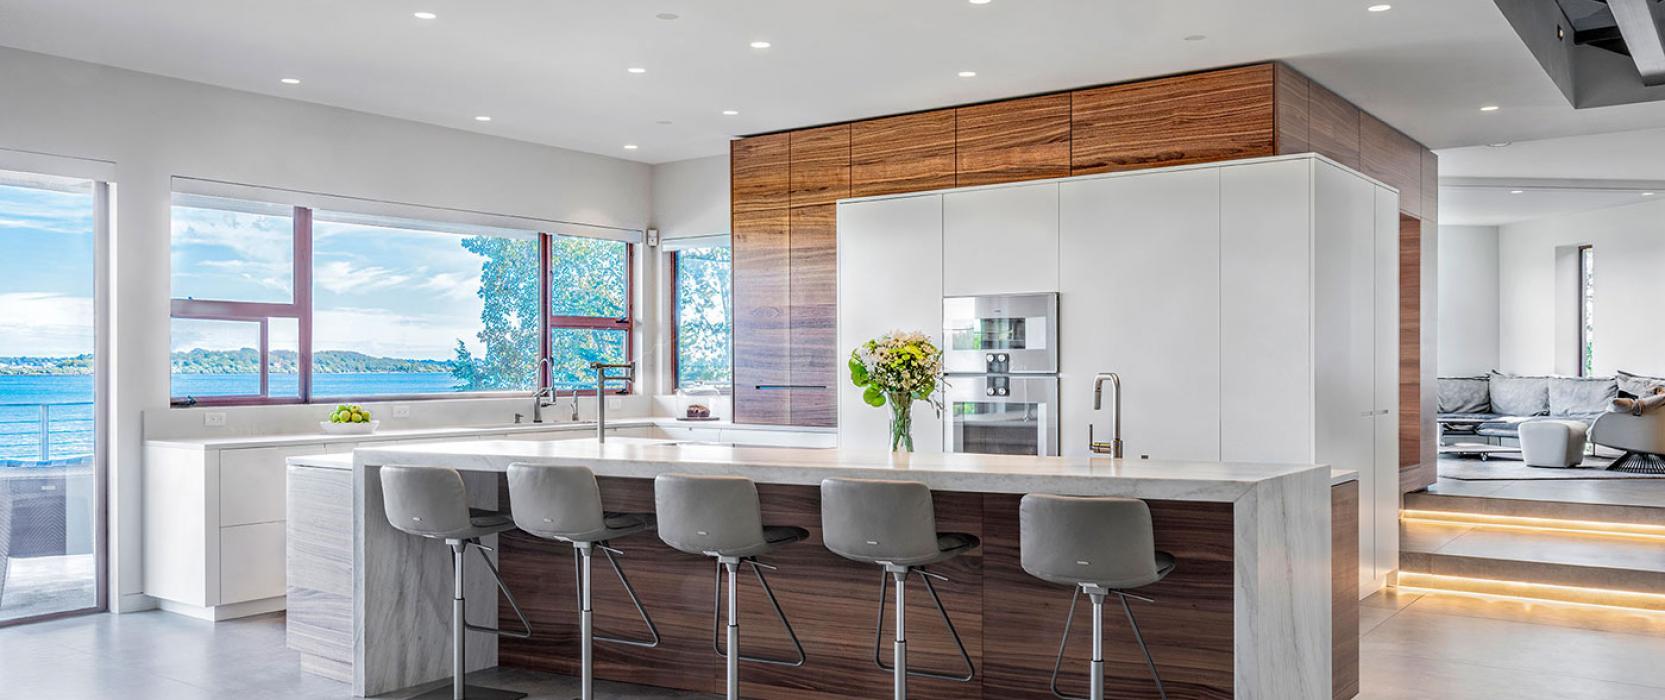 Modern coastal kitchen by Divine Design Center